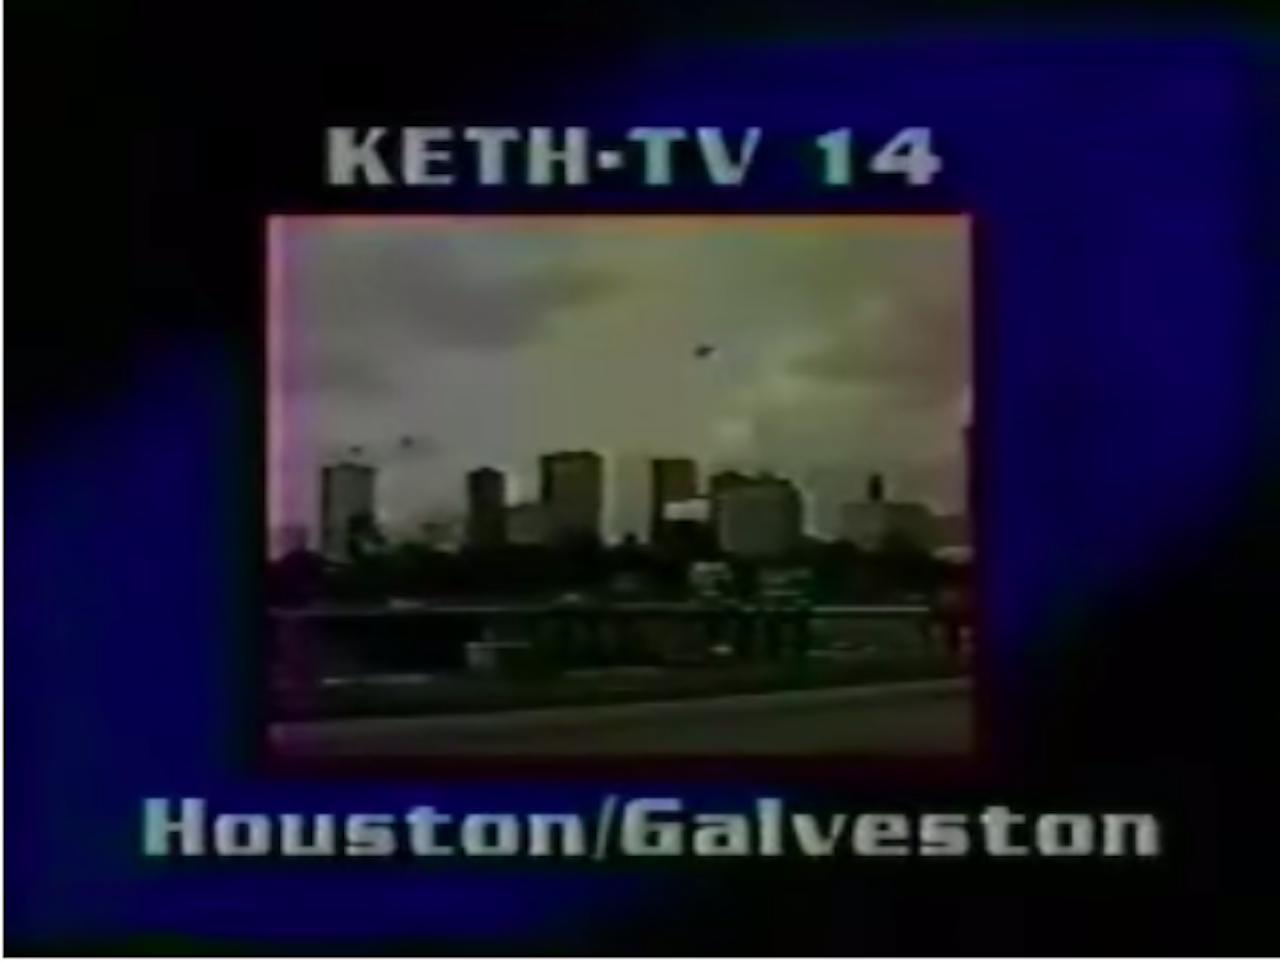 KETH-TV